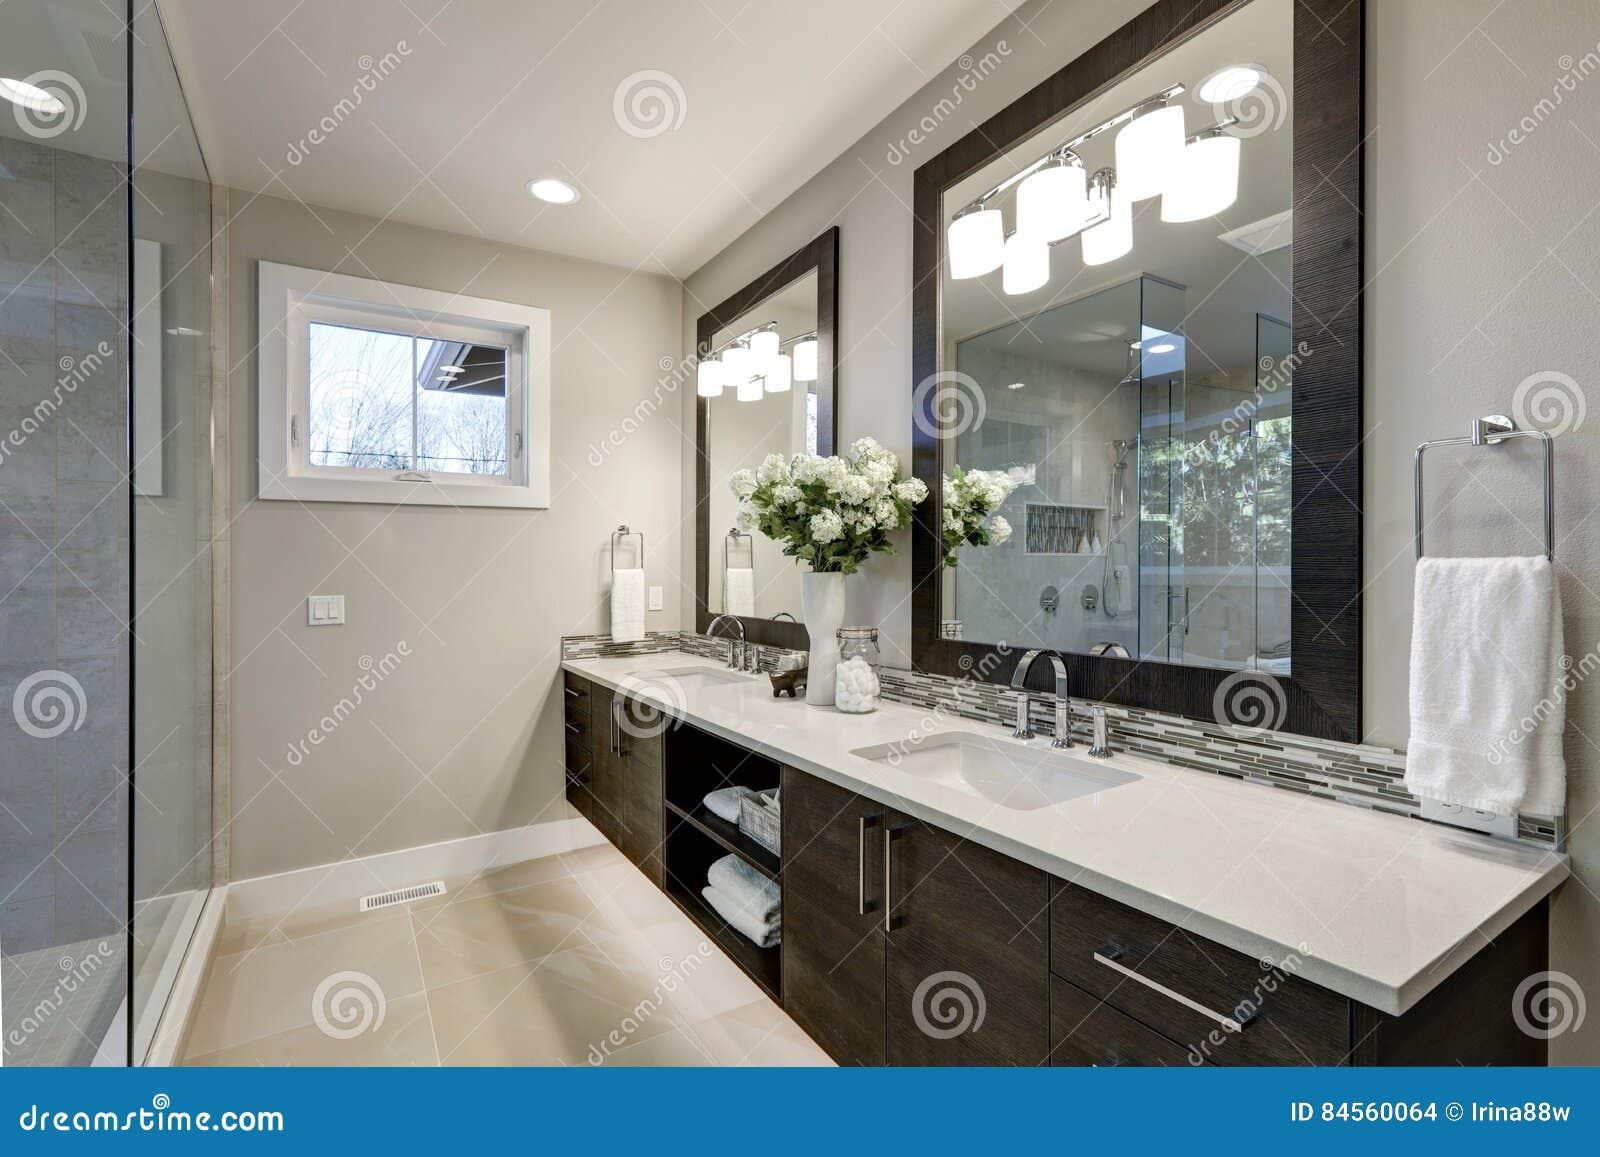 Schon Geräumiges Badezimmer Im Grau Tont Wizth Lange Eitelkeit